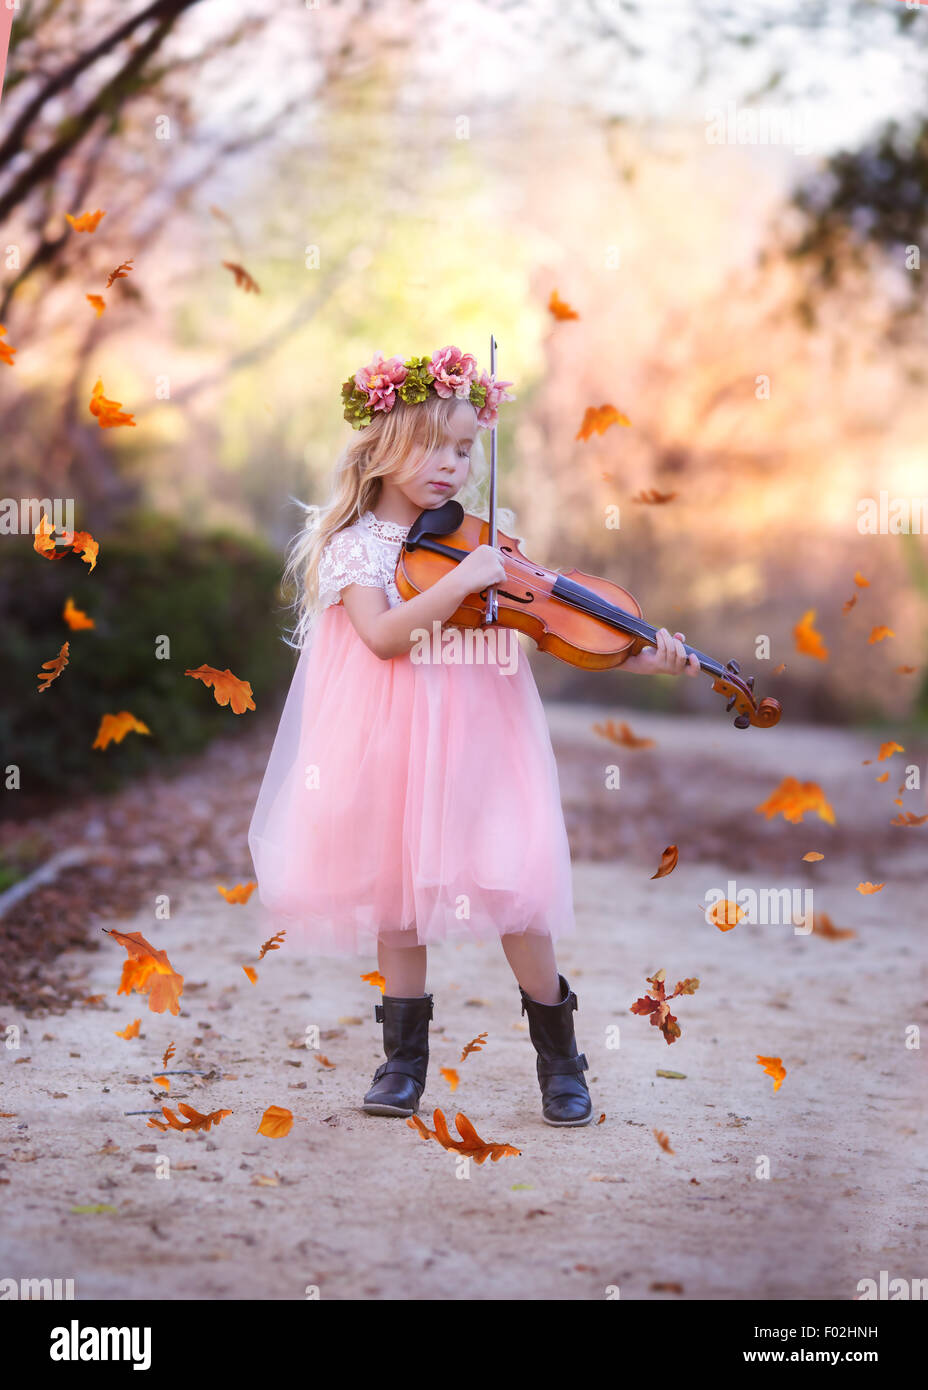 Mädchen stehen in der Straße mit Blätter fallen rund um die Geige zu spielen Stockbild